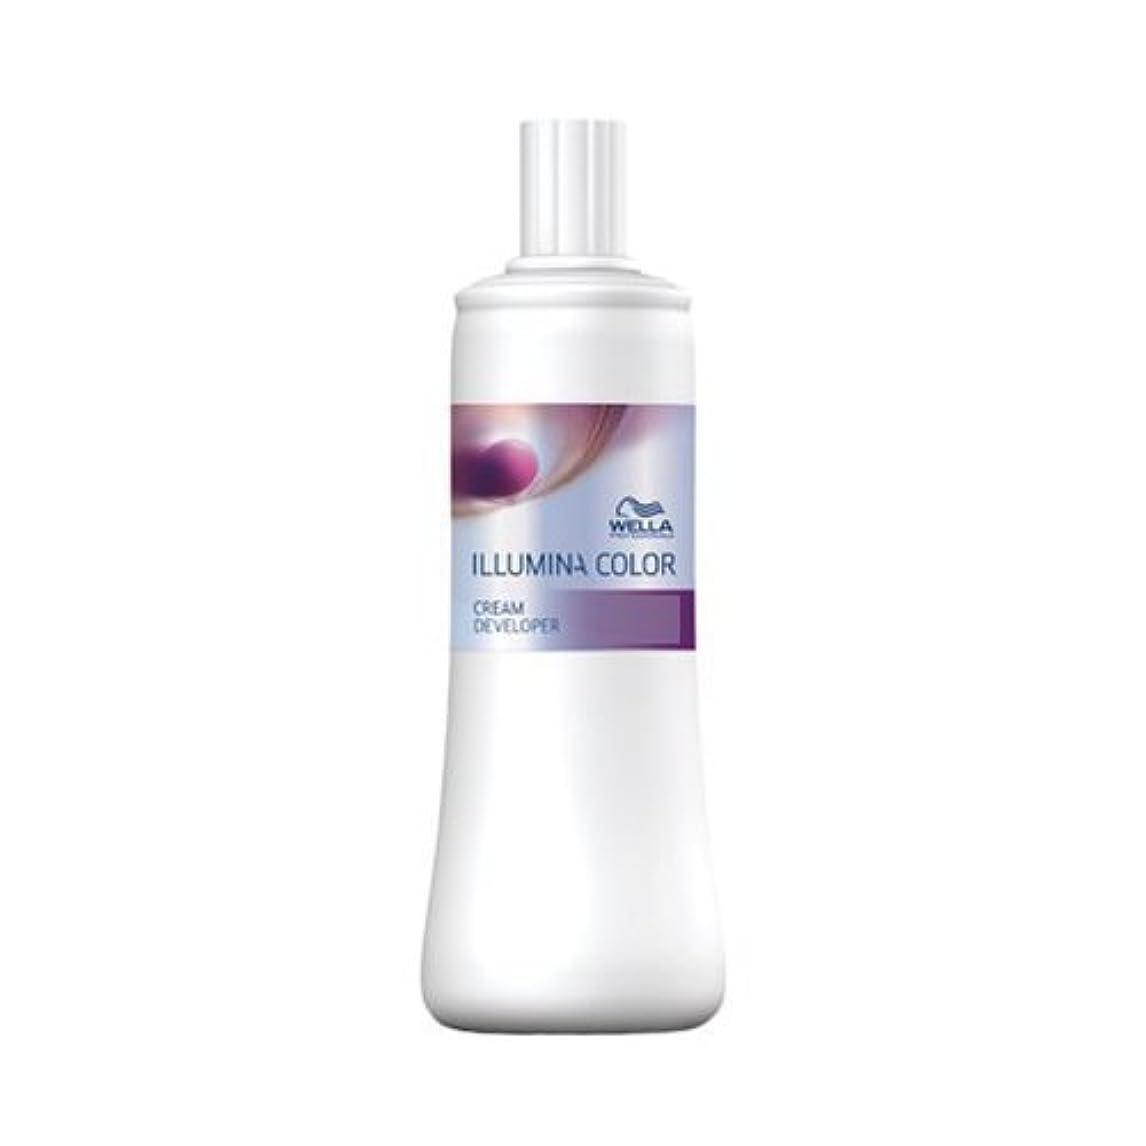 激しいベイビー安全ウエラ イルミナカラー クリーム ディベロッパー 6% 1000ml(2剤)